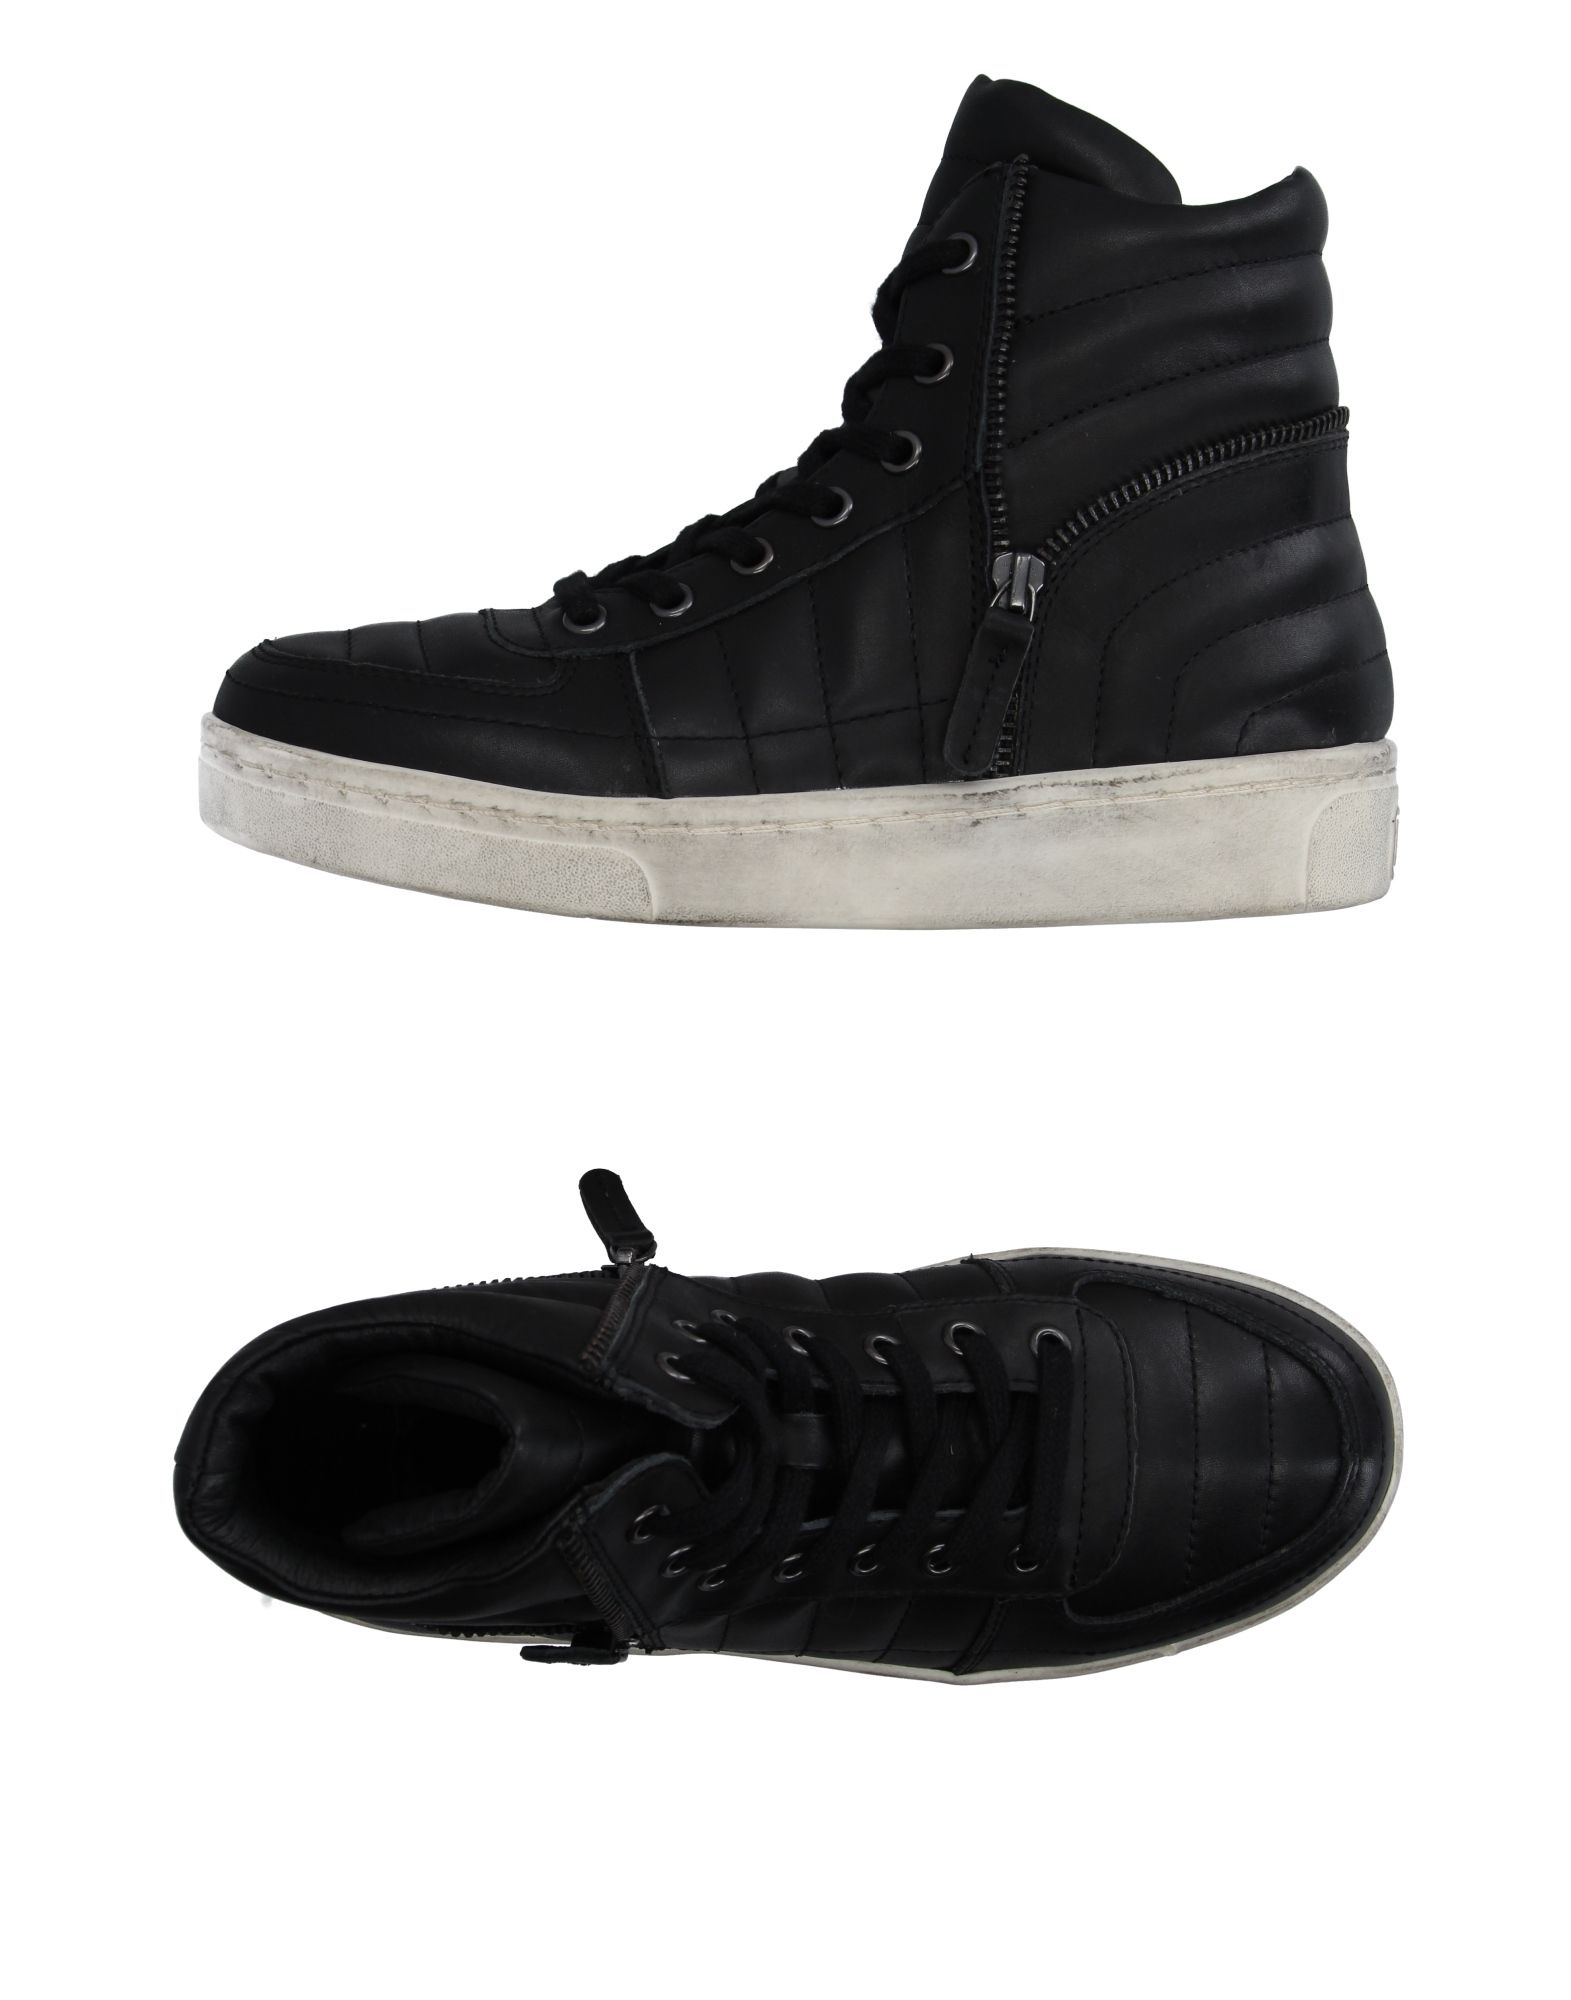 Scarpe economiche e resistenti Sneakers Ash Donna - 11144030AJ